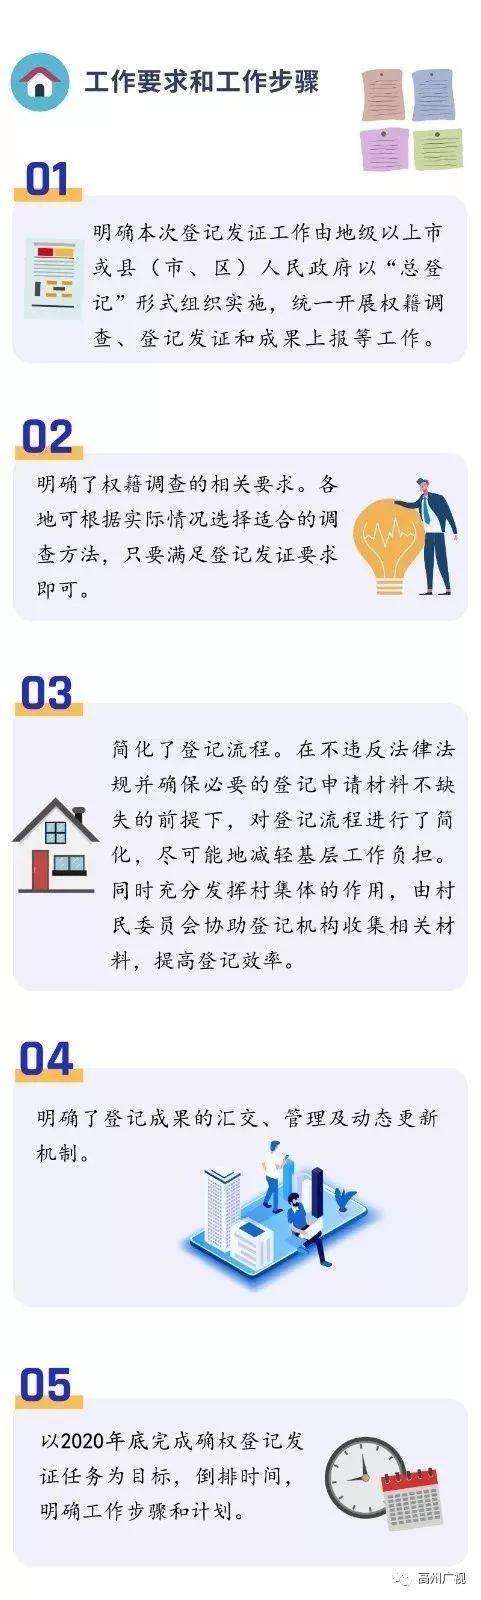 """你老家的房子确权了吗?广东农村""""房地一体""""登记将于年底完成"""